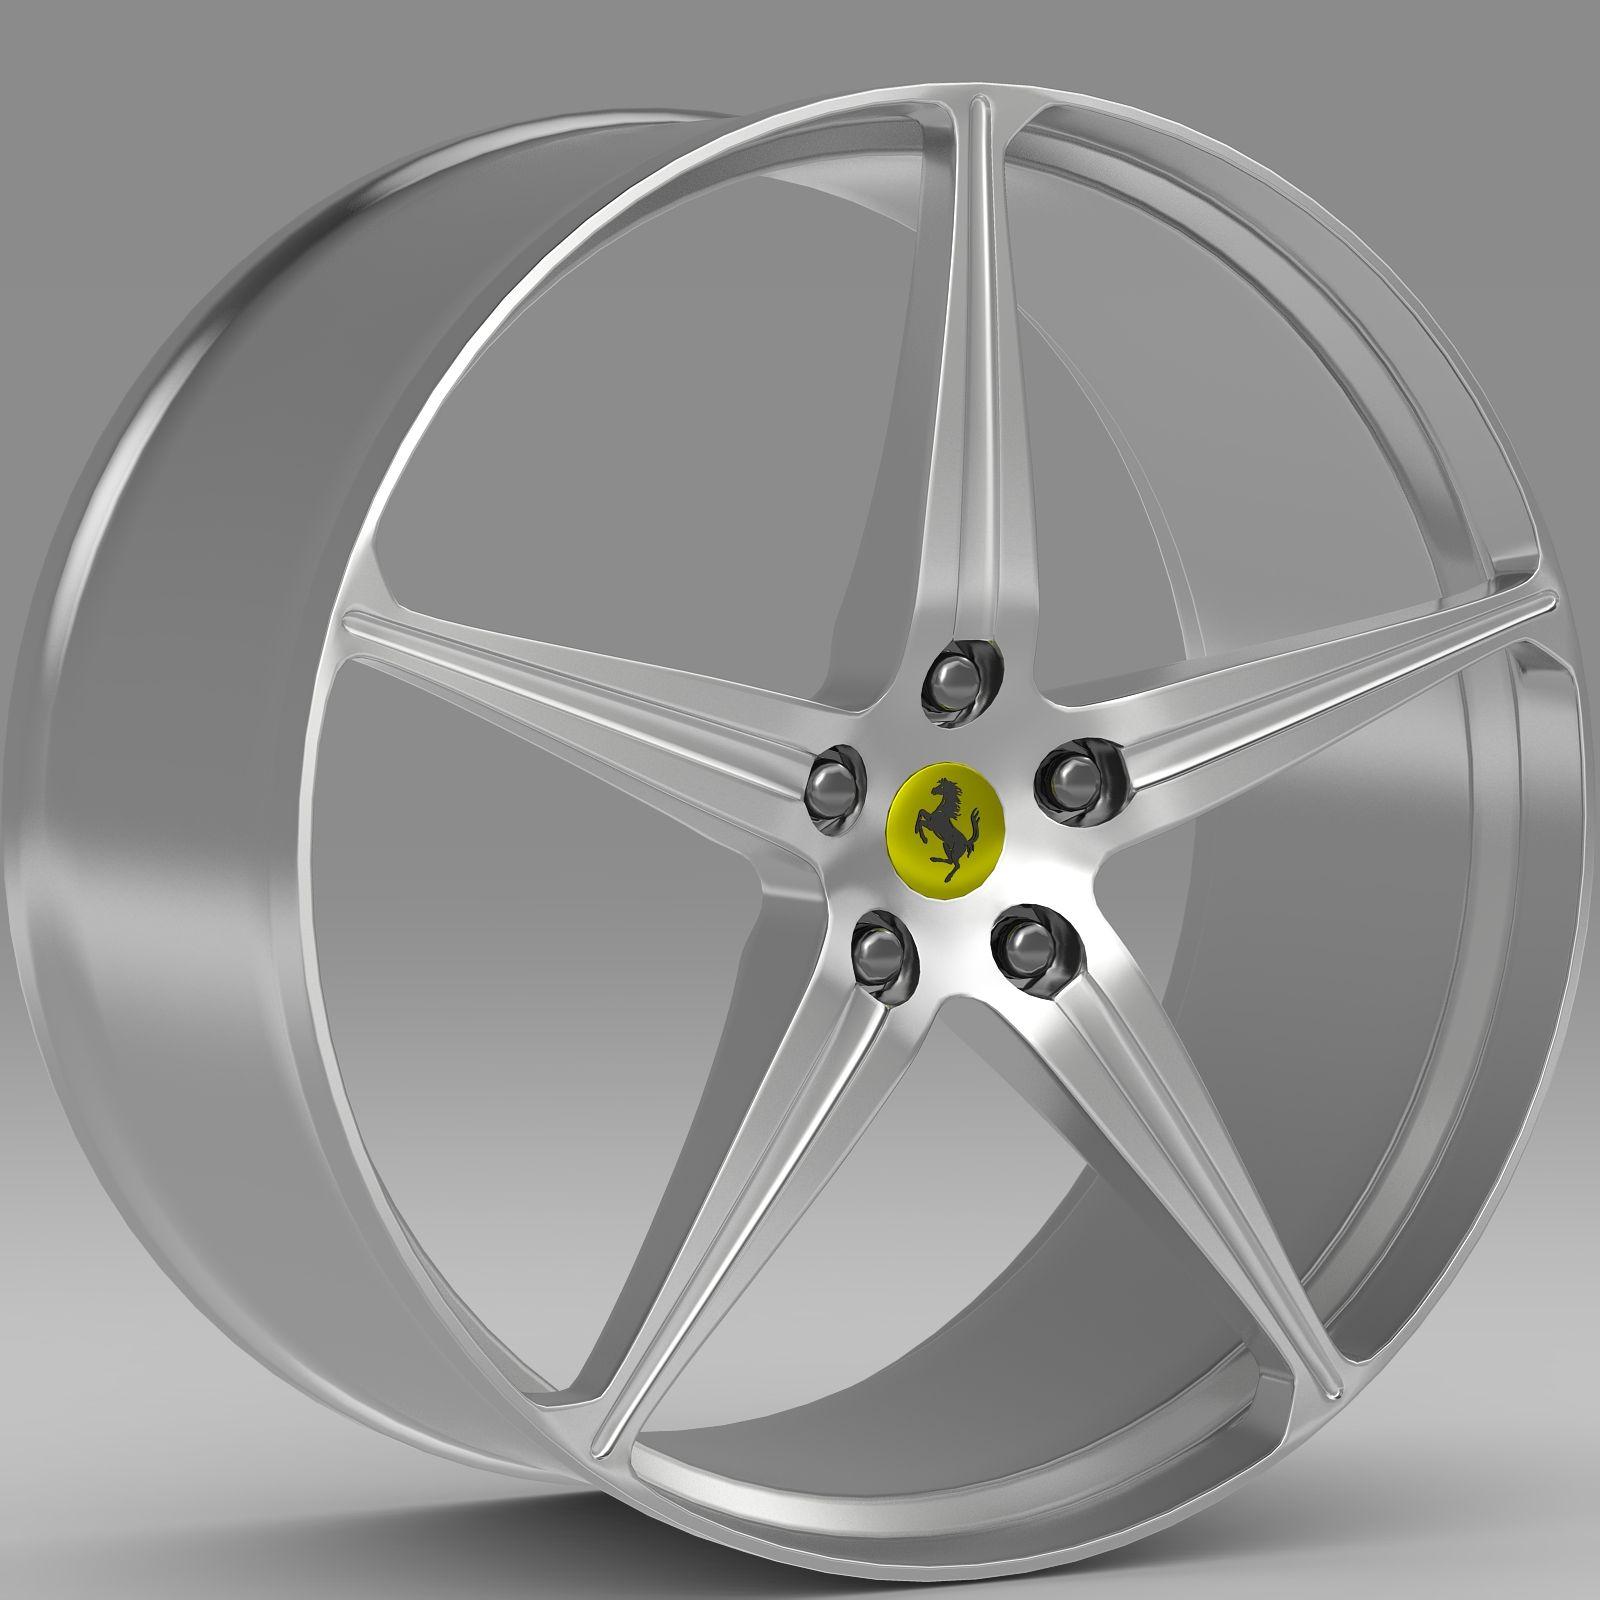 Ferrari 458 Spider Rim 3D Model (With Images)